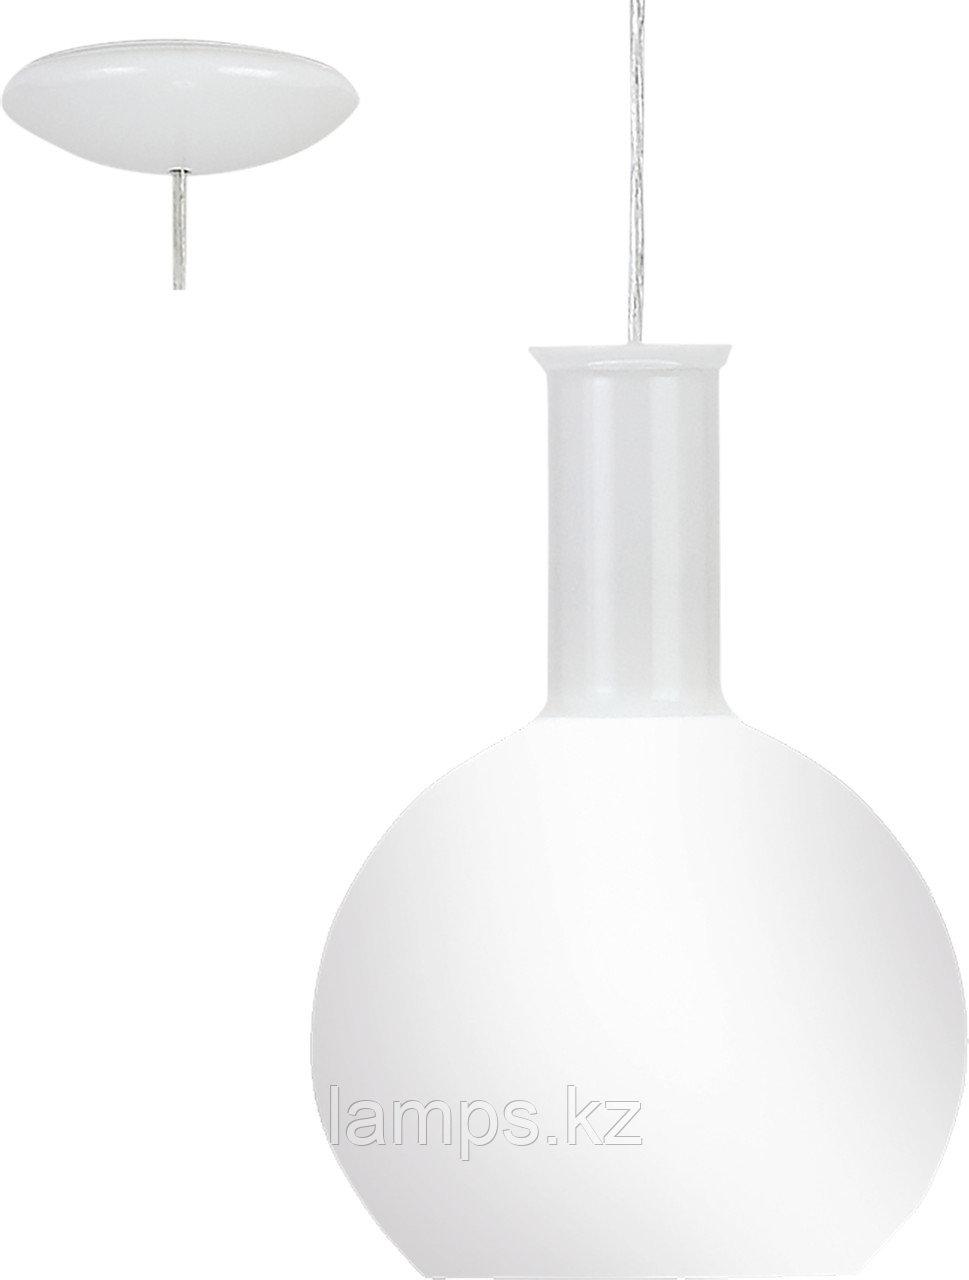 Светильник подвесной Eglo  PASCOA  E27  1*60W